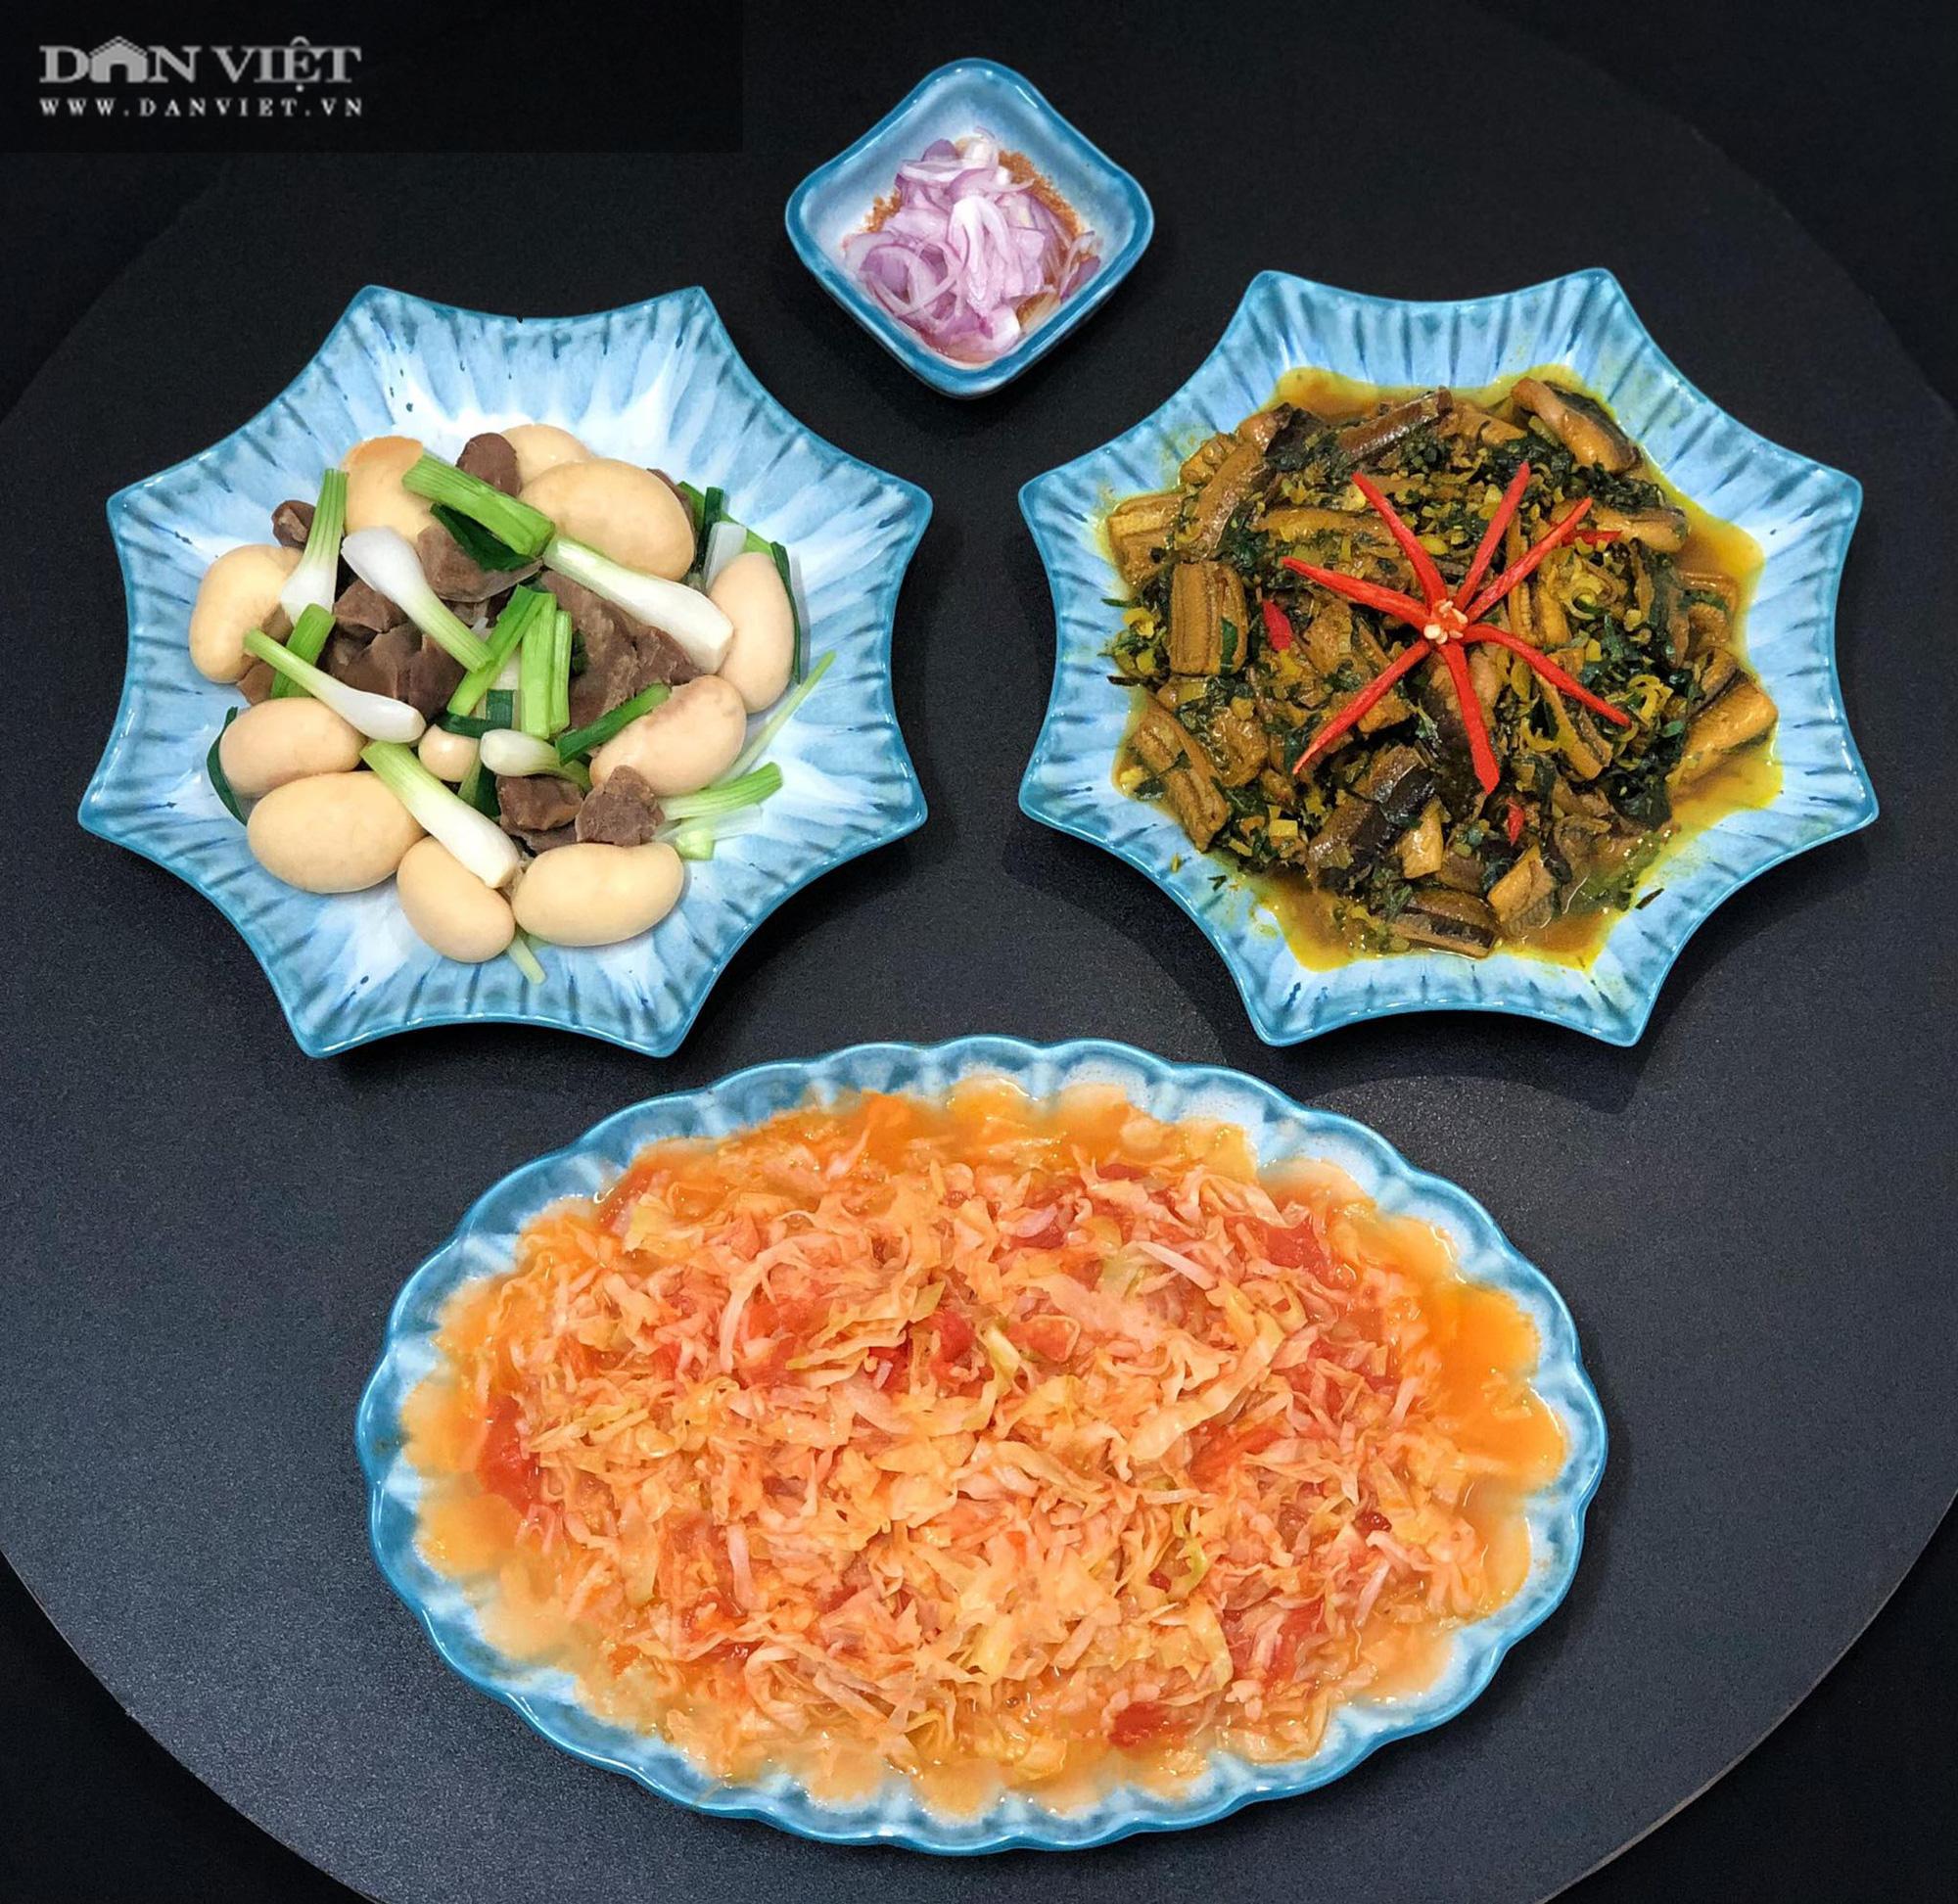 Mẹ đảm Hà thành gợi ý thực đơn cơm nhà đẹp mắt, đủ dinh dưỡng - Ảnh 7.